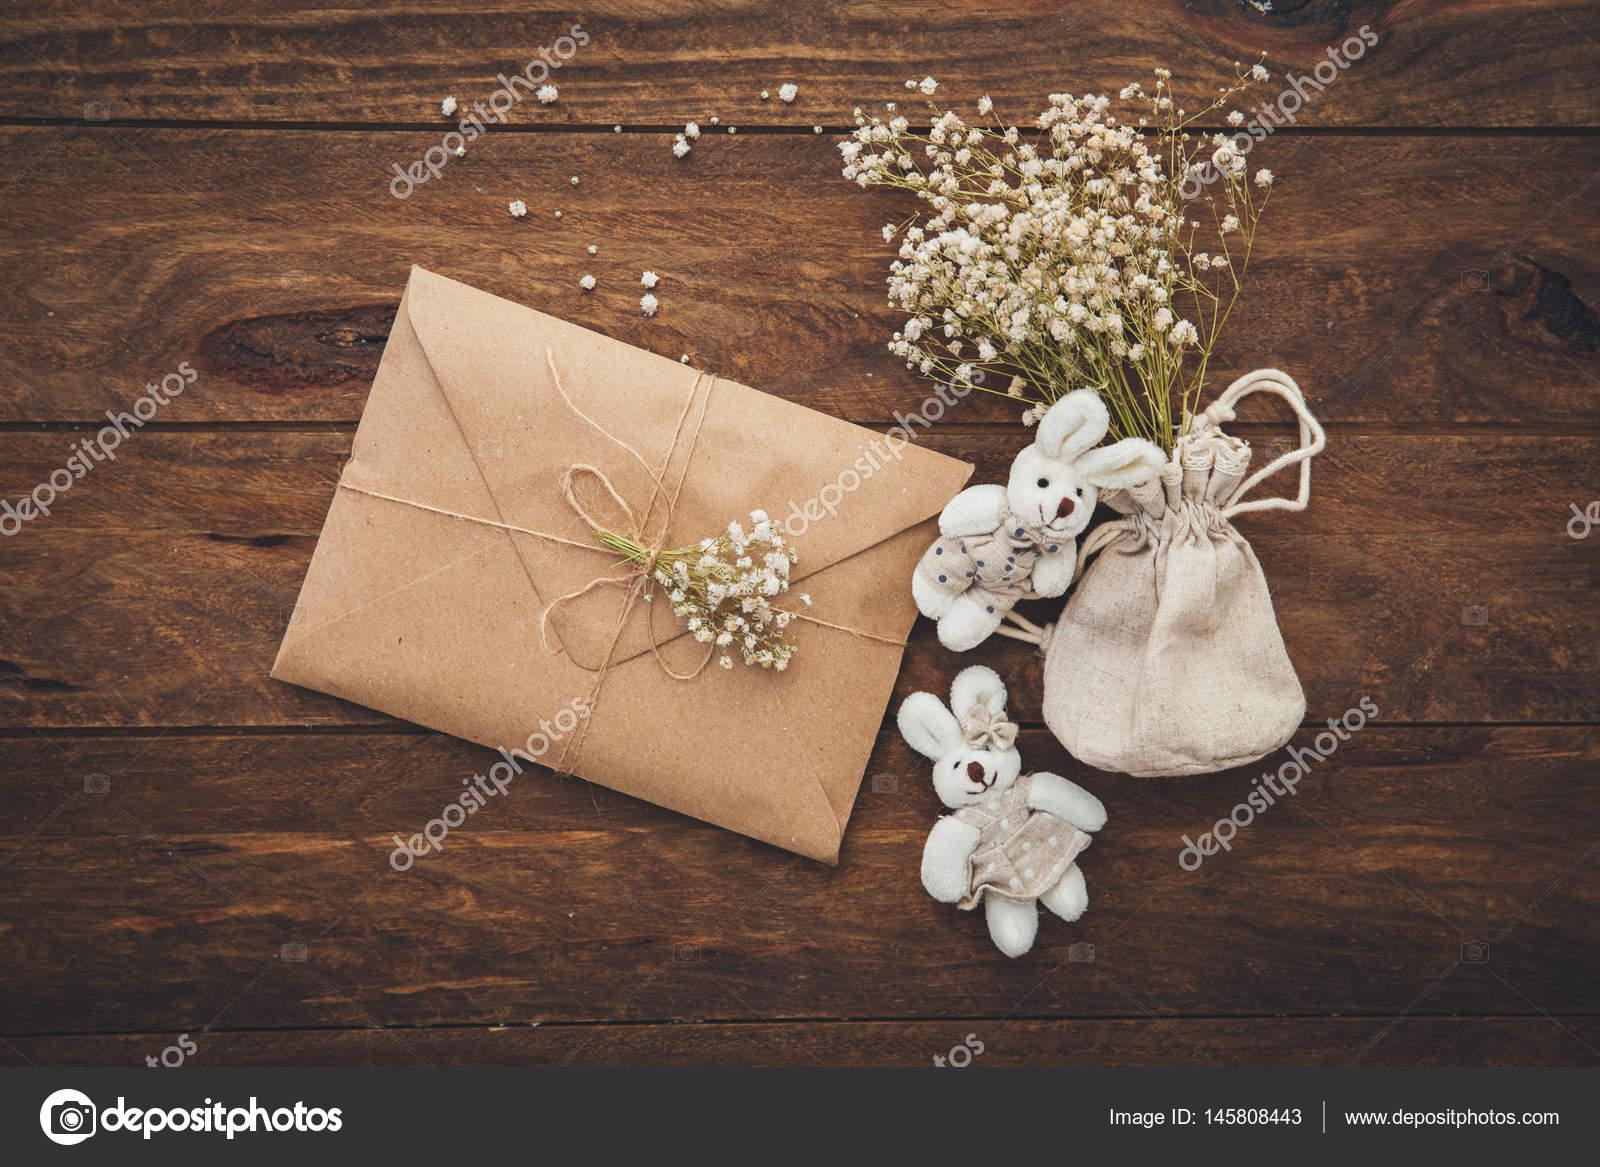 66a557fdd8 Esküvői Meghívók Kézműves Borítékok Fából Készült Háttér Felülnézete ...